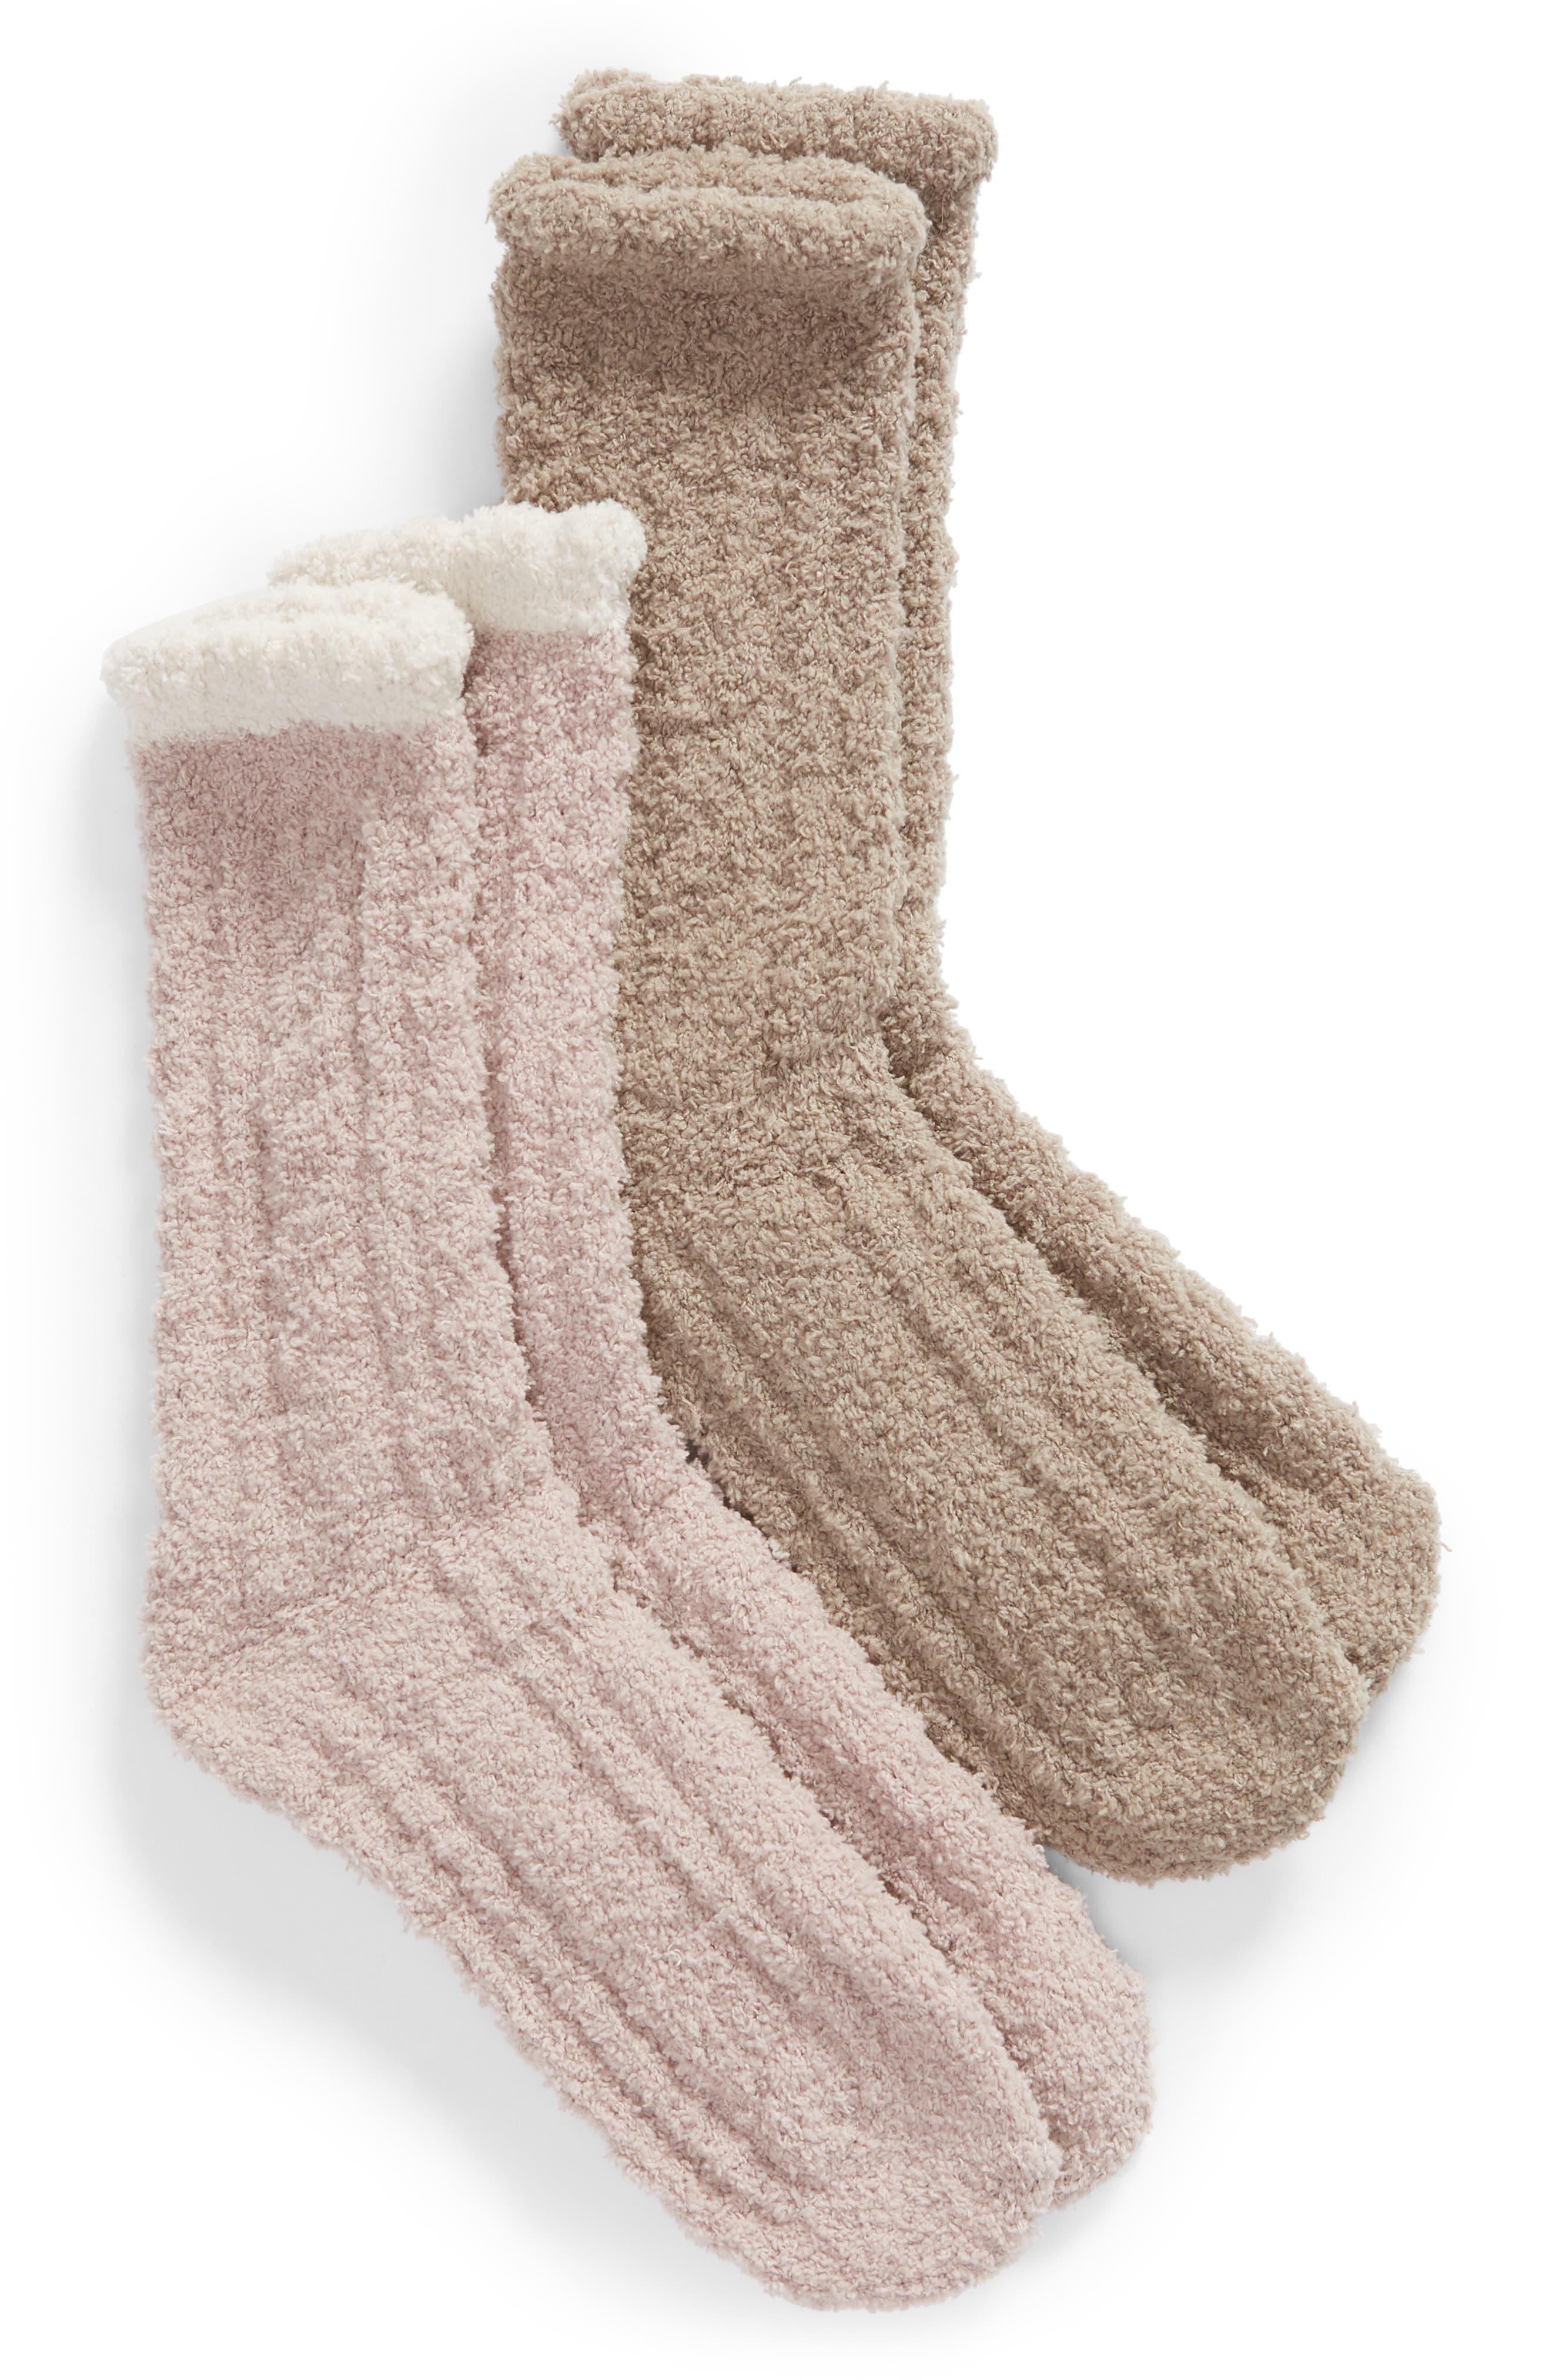 Lemon 2-Pack Plush Cable Knit Crew Socks